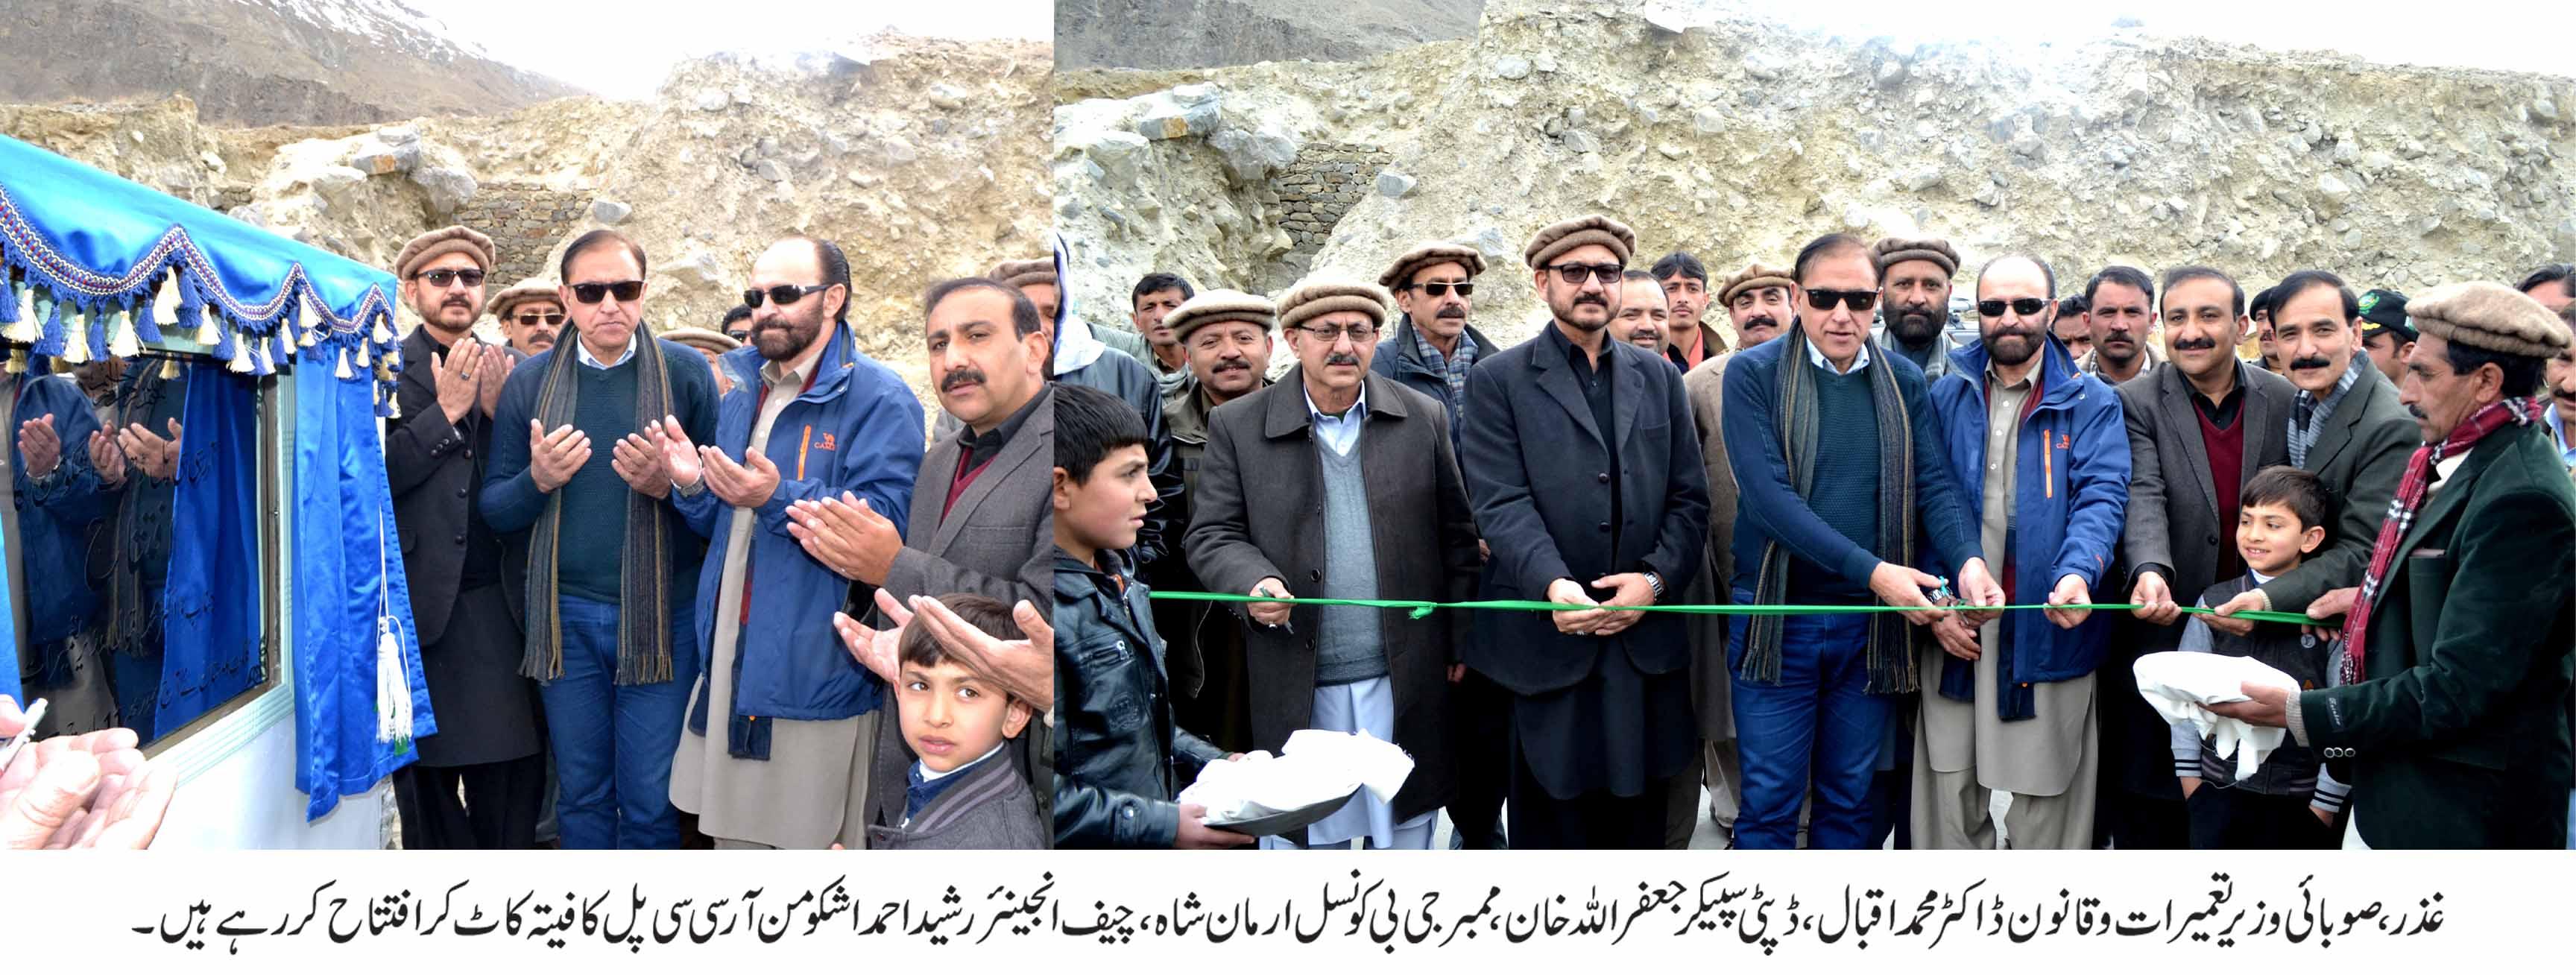 مسلم لیگ کی حکومت سے پہلےگلگت بلتستان بیمار منصوبوں کا قبرستان بنا ہو اتھا۔ صوبائی وزیر تعمیرات وقانون